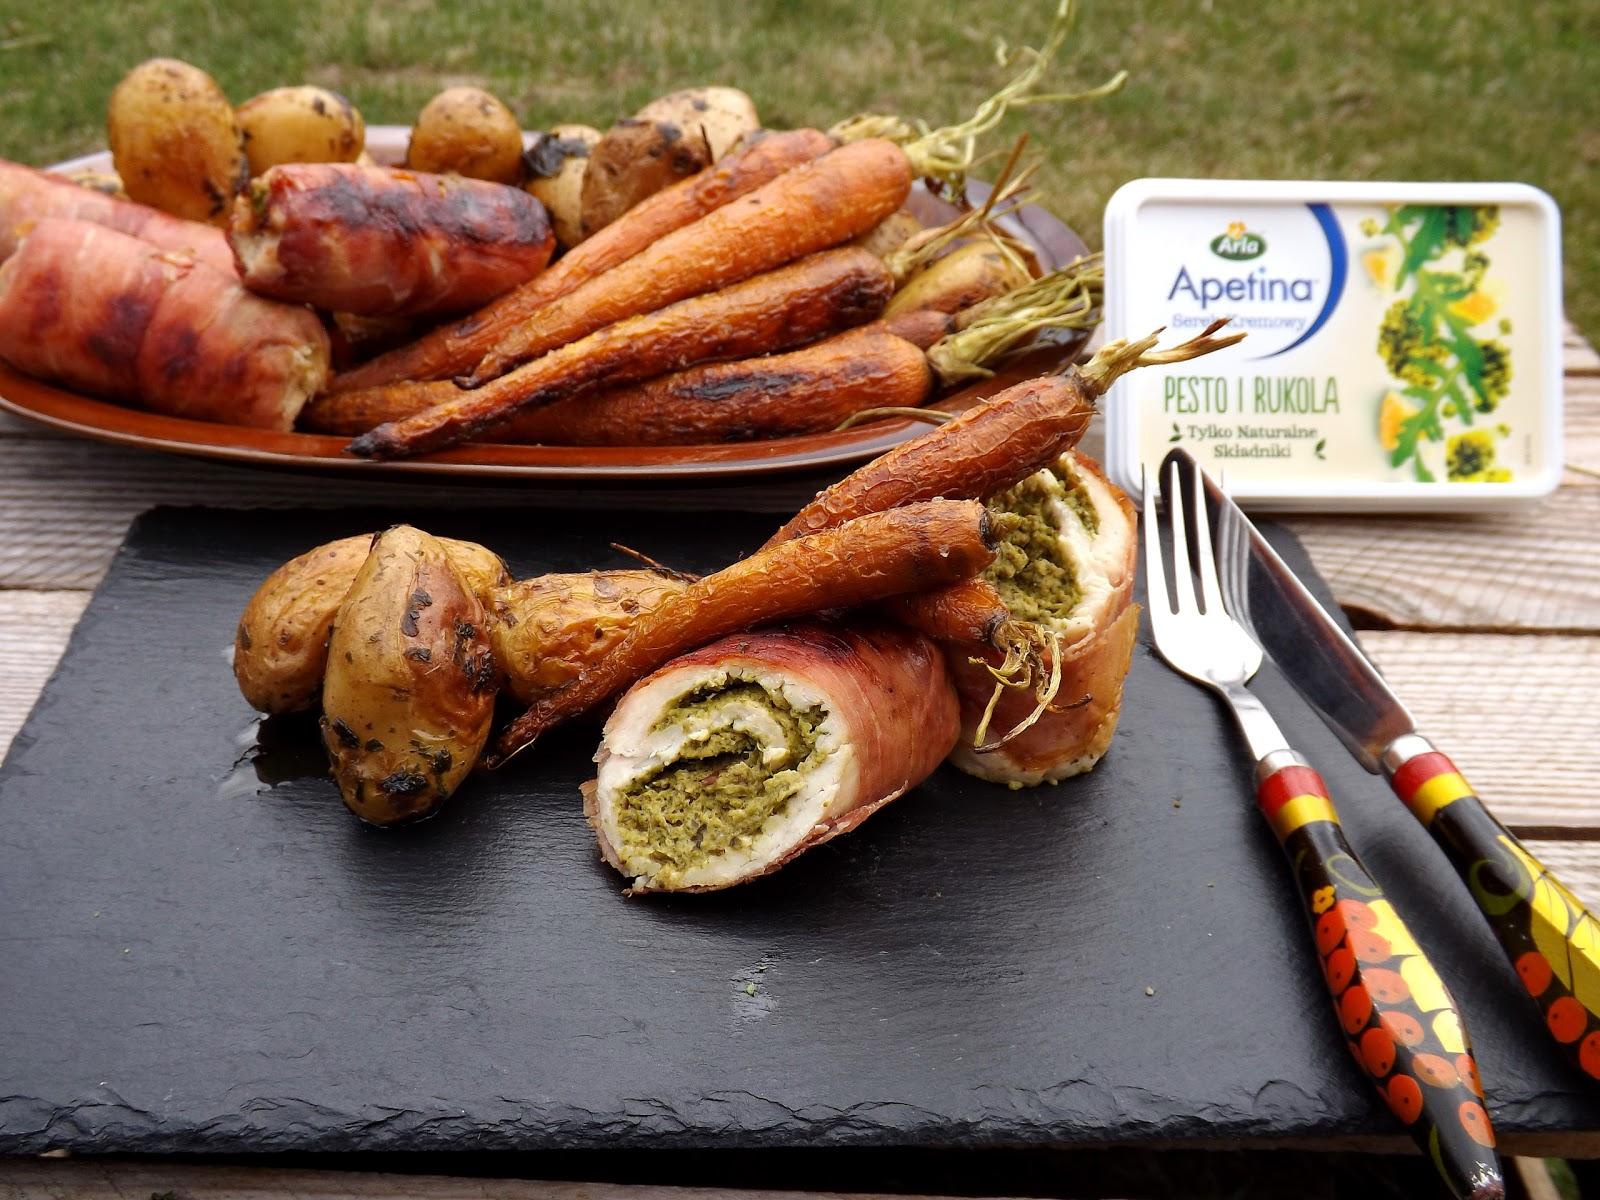 Grillowa rolada z kurczaka z serkiem i pastą z rukoli, podana z ziemniakami i słodkimi marchewkami